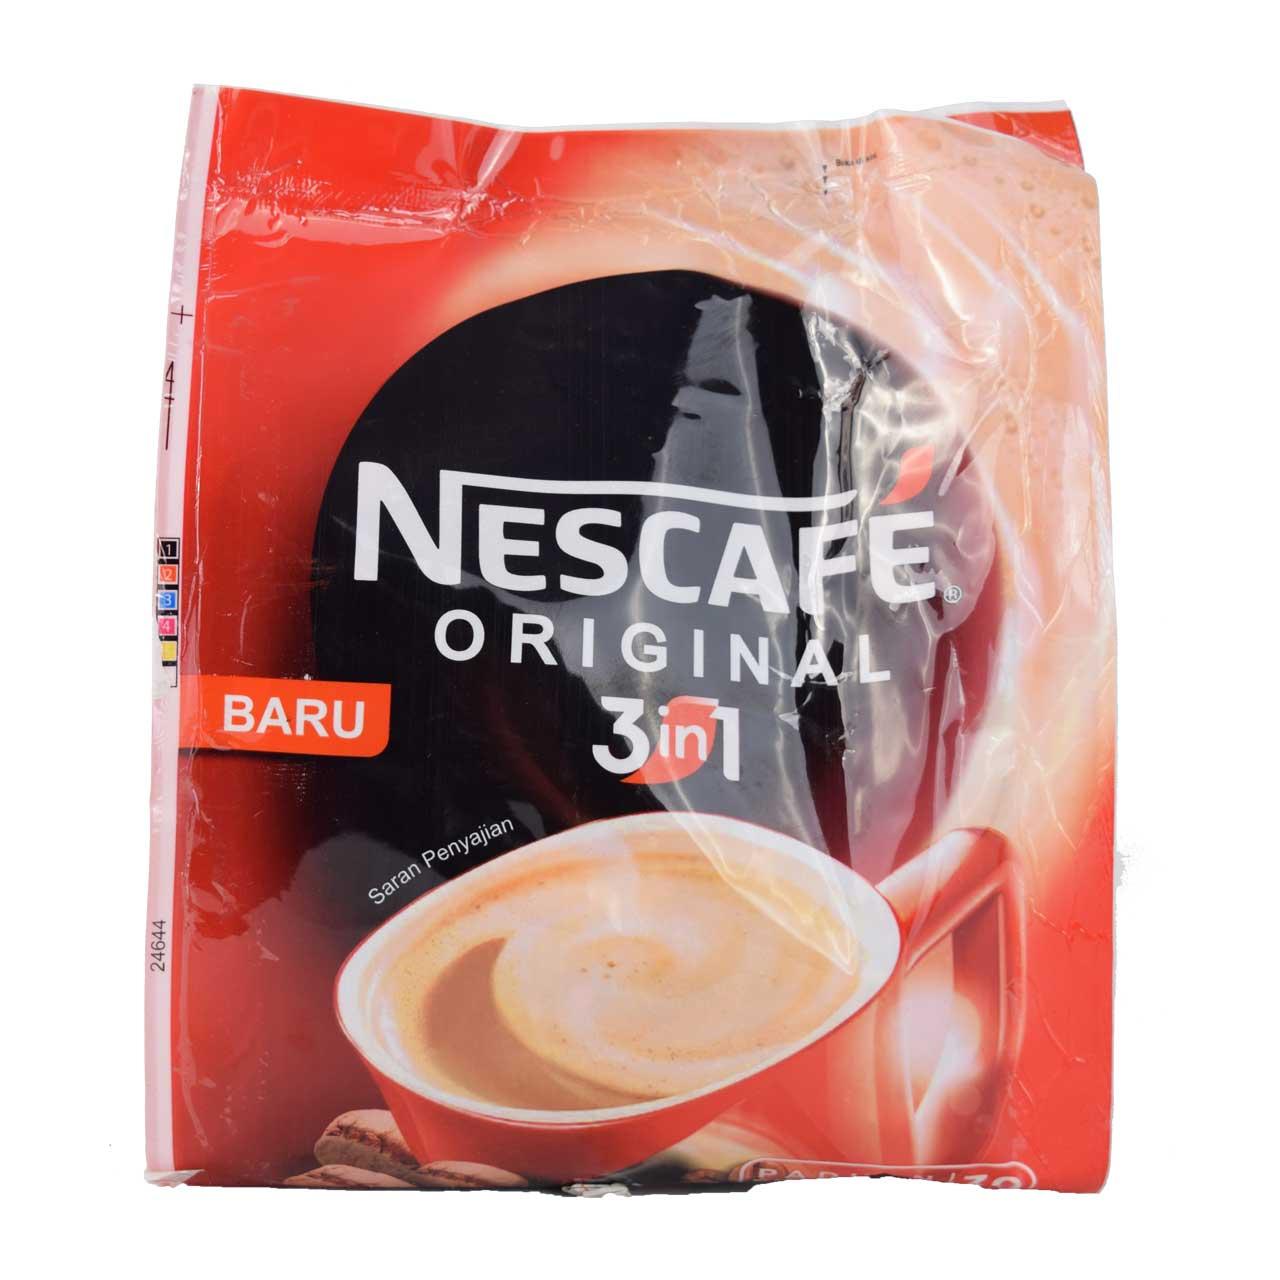 قهوه فوری ارجینال ۳ در ۱